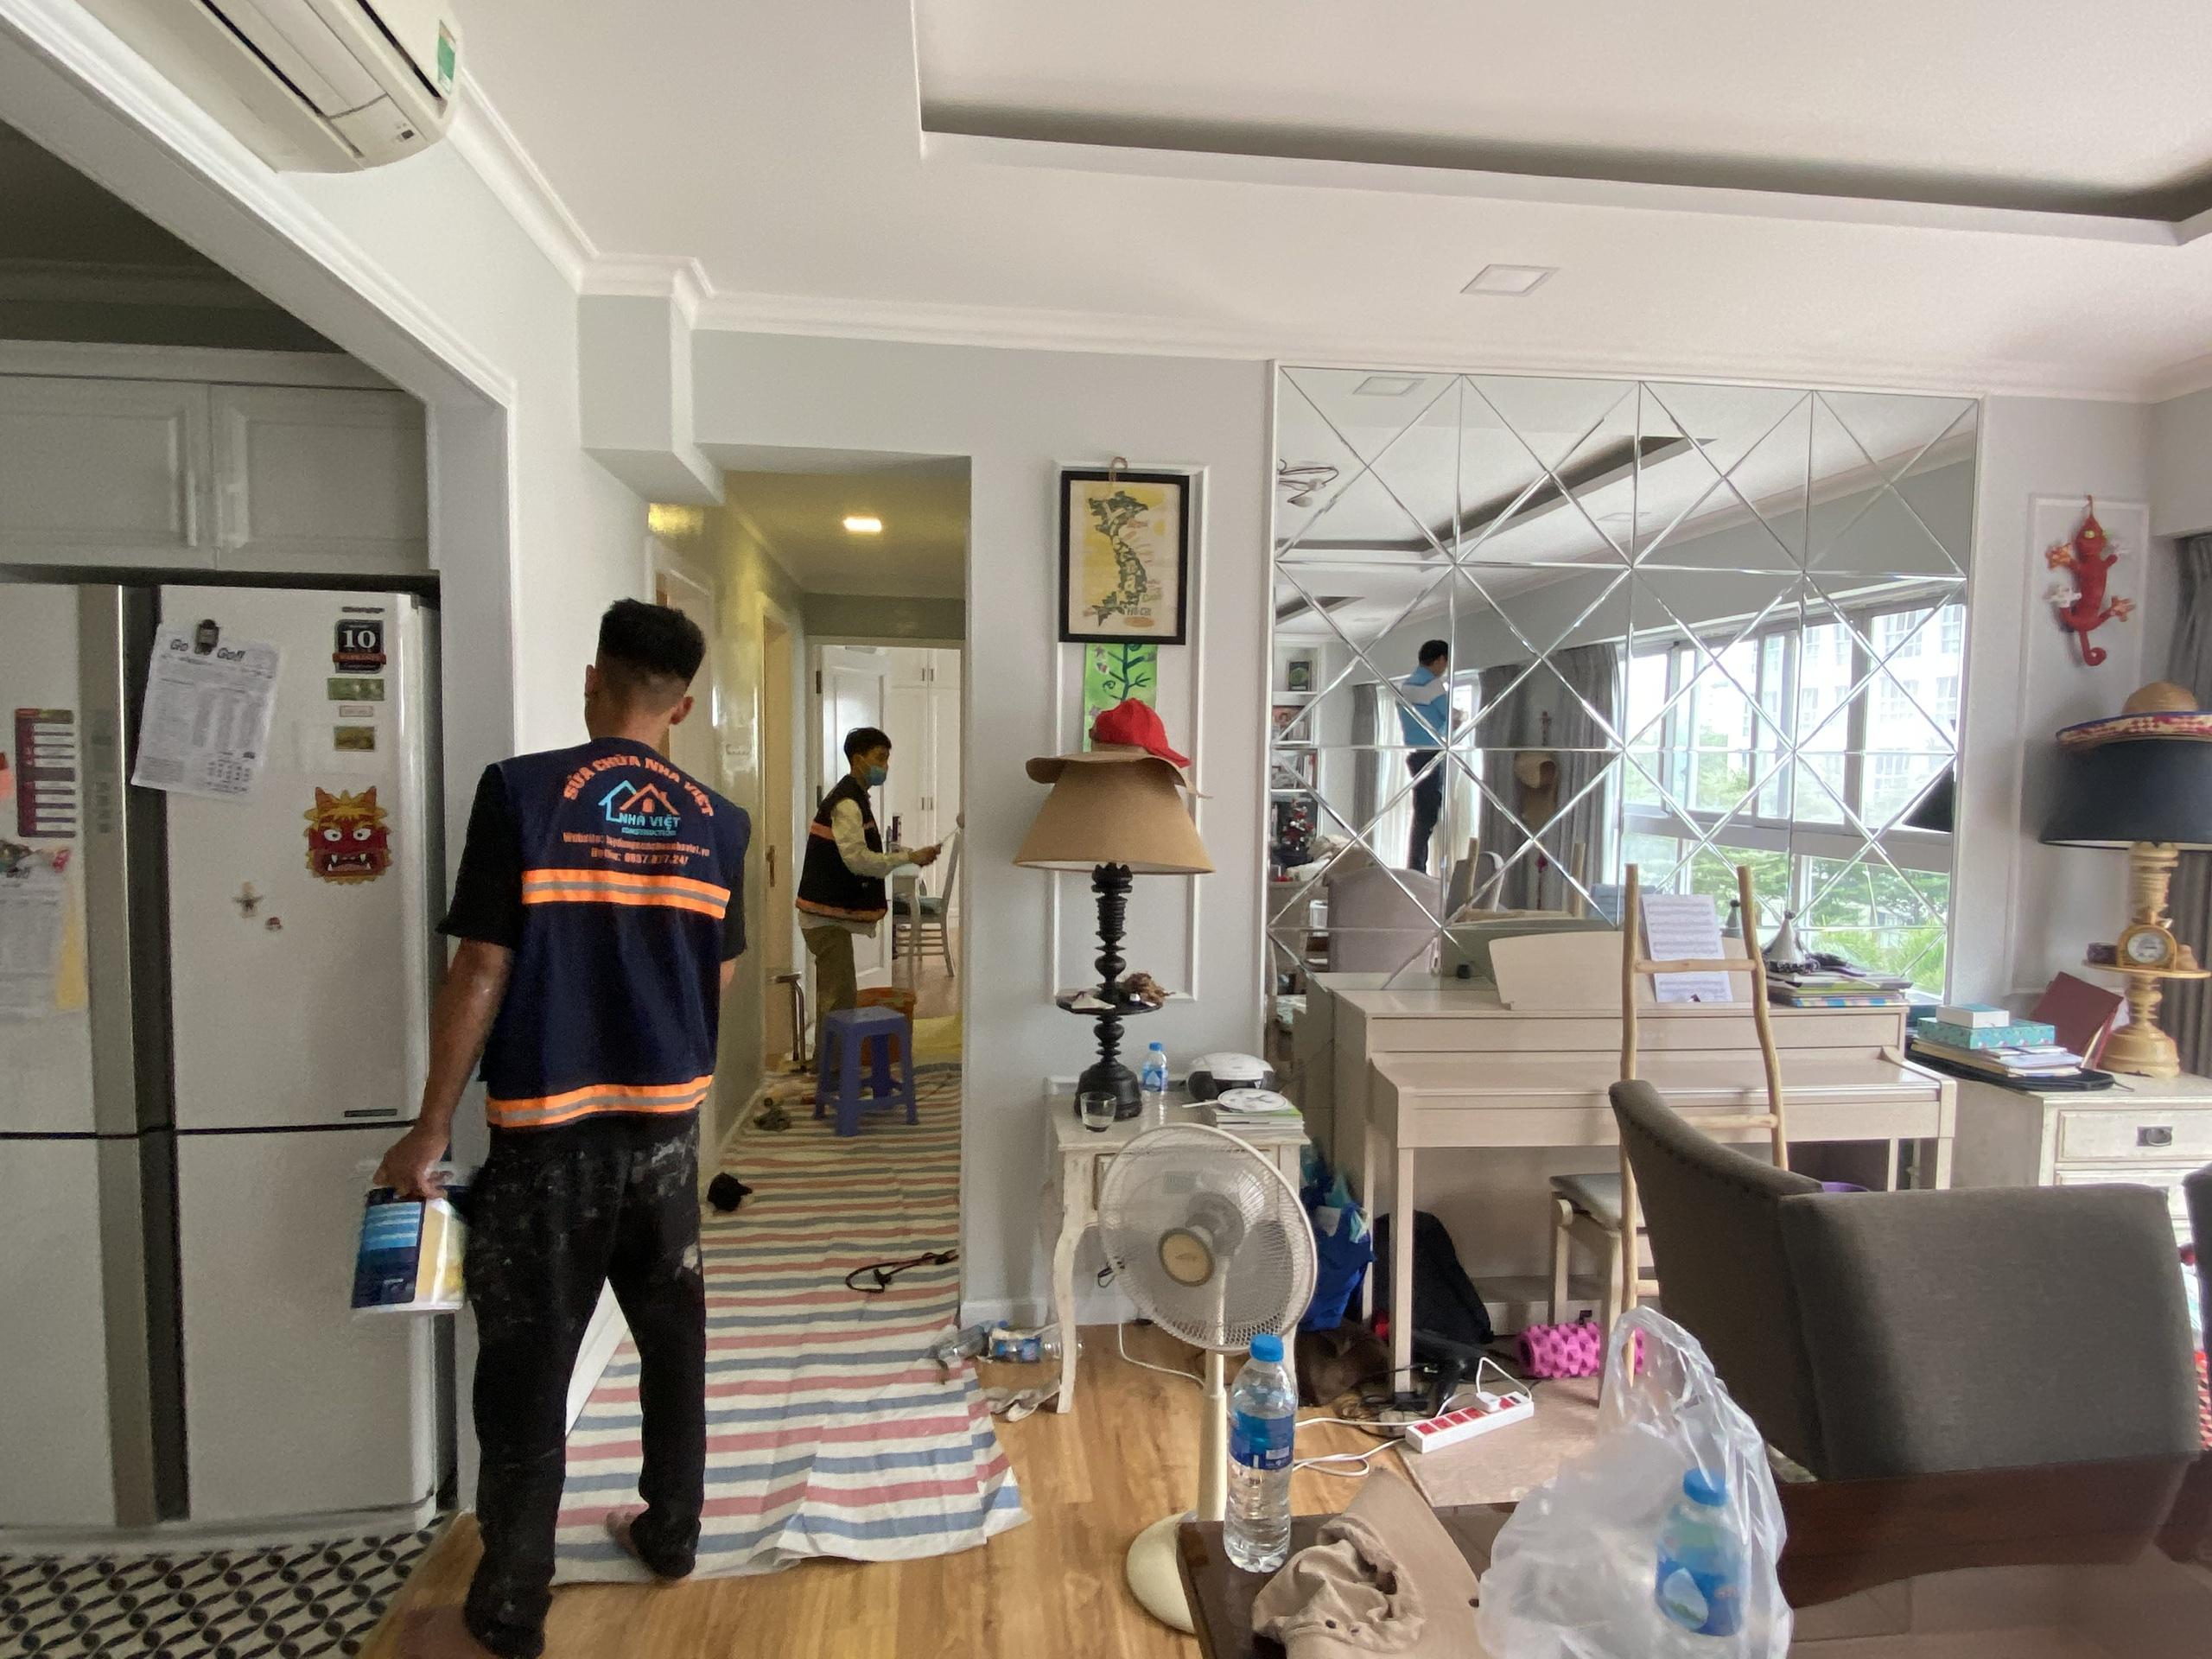 sua chua nha pho biet thu tphcm 23 1 - Sửa Chữa Nhà Phố Biệt Thự TP Hồ Chí Minh Uy tín chất lượng nhất